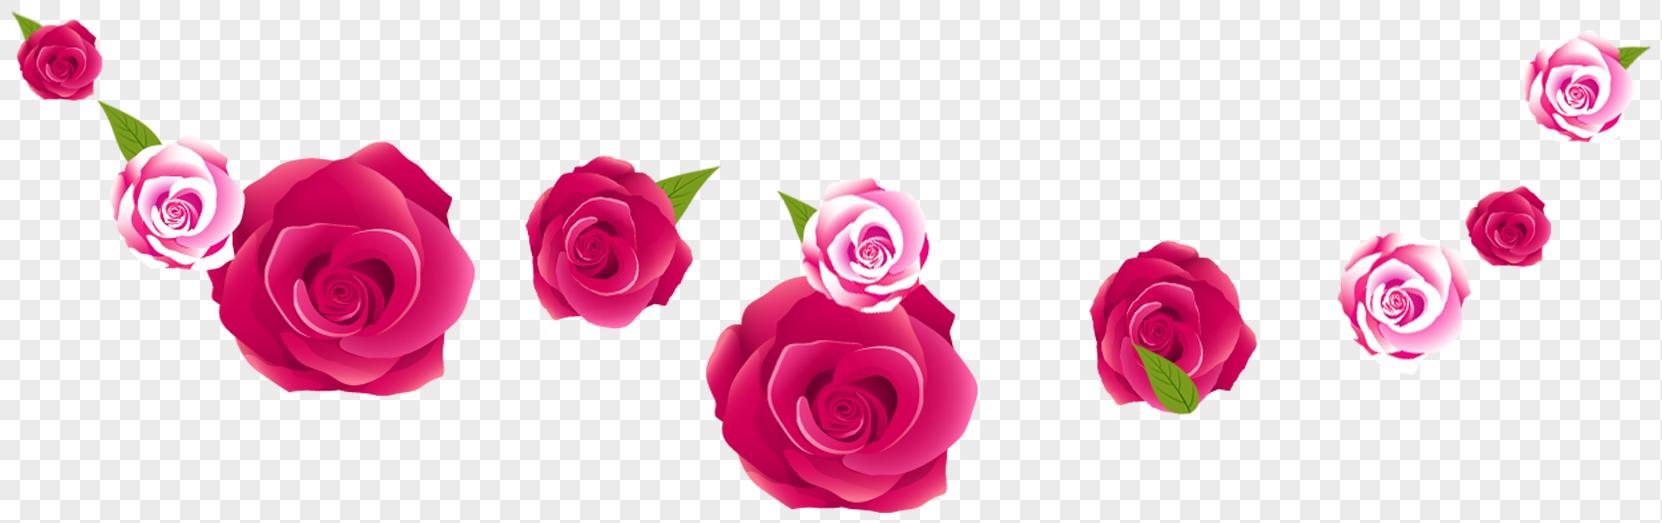 Pink rose flower border imagepicture 400304173lovepik free pink rose flower border mightylinksfo